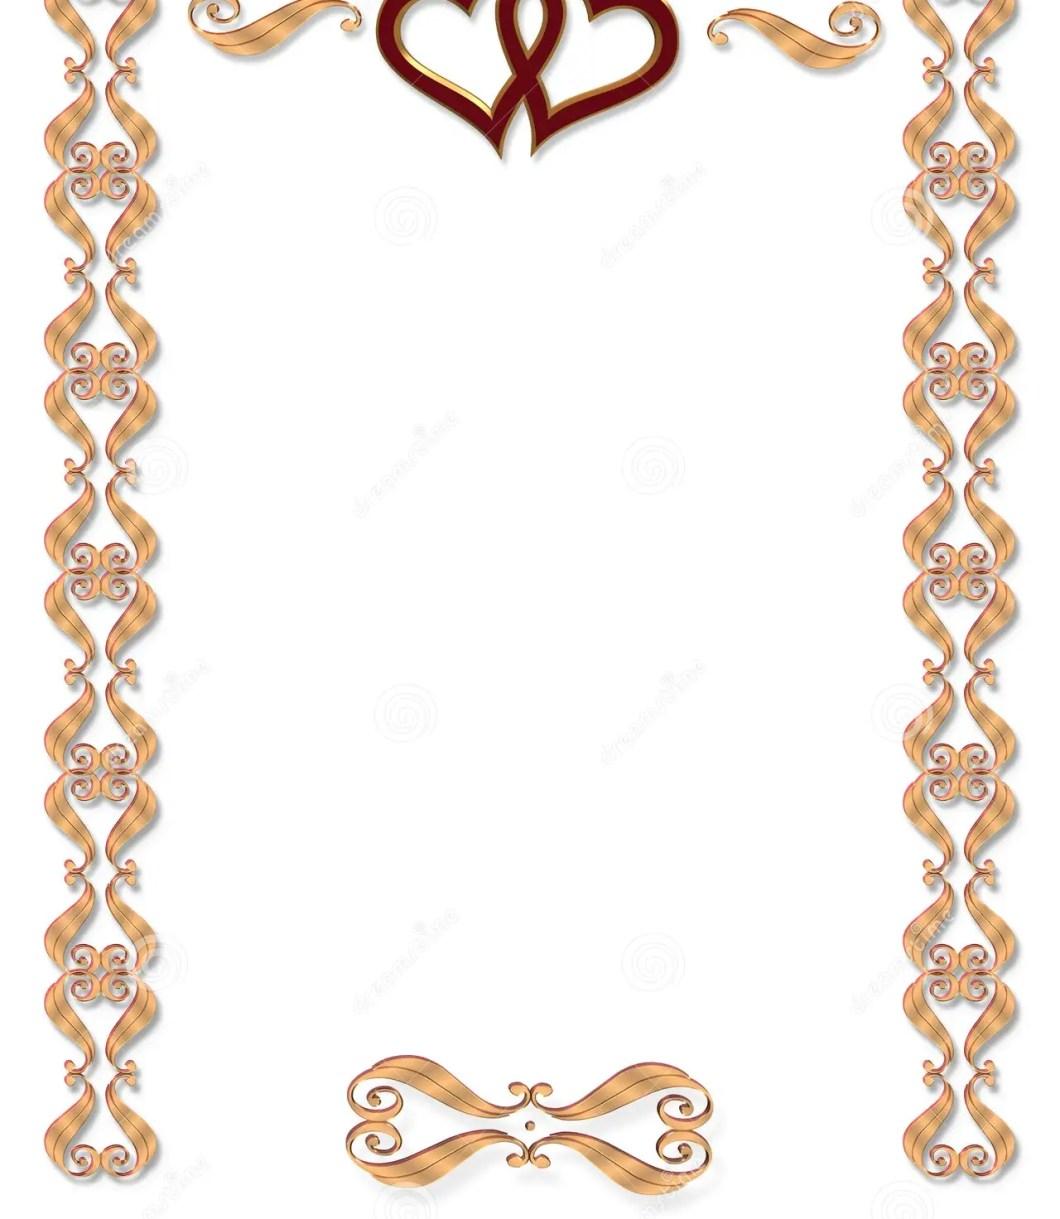 border for wedding invitation | Rezzasite.co